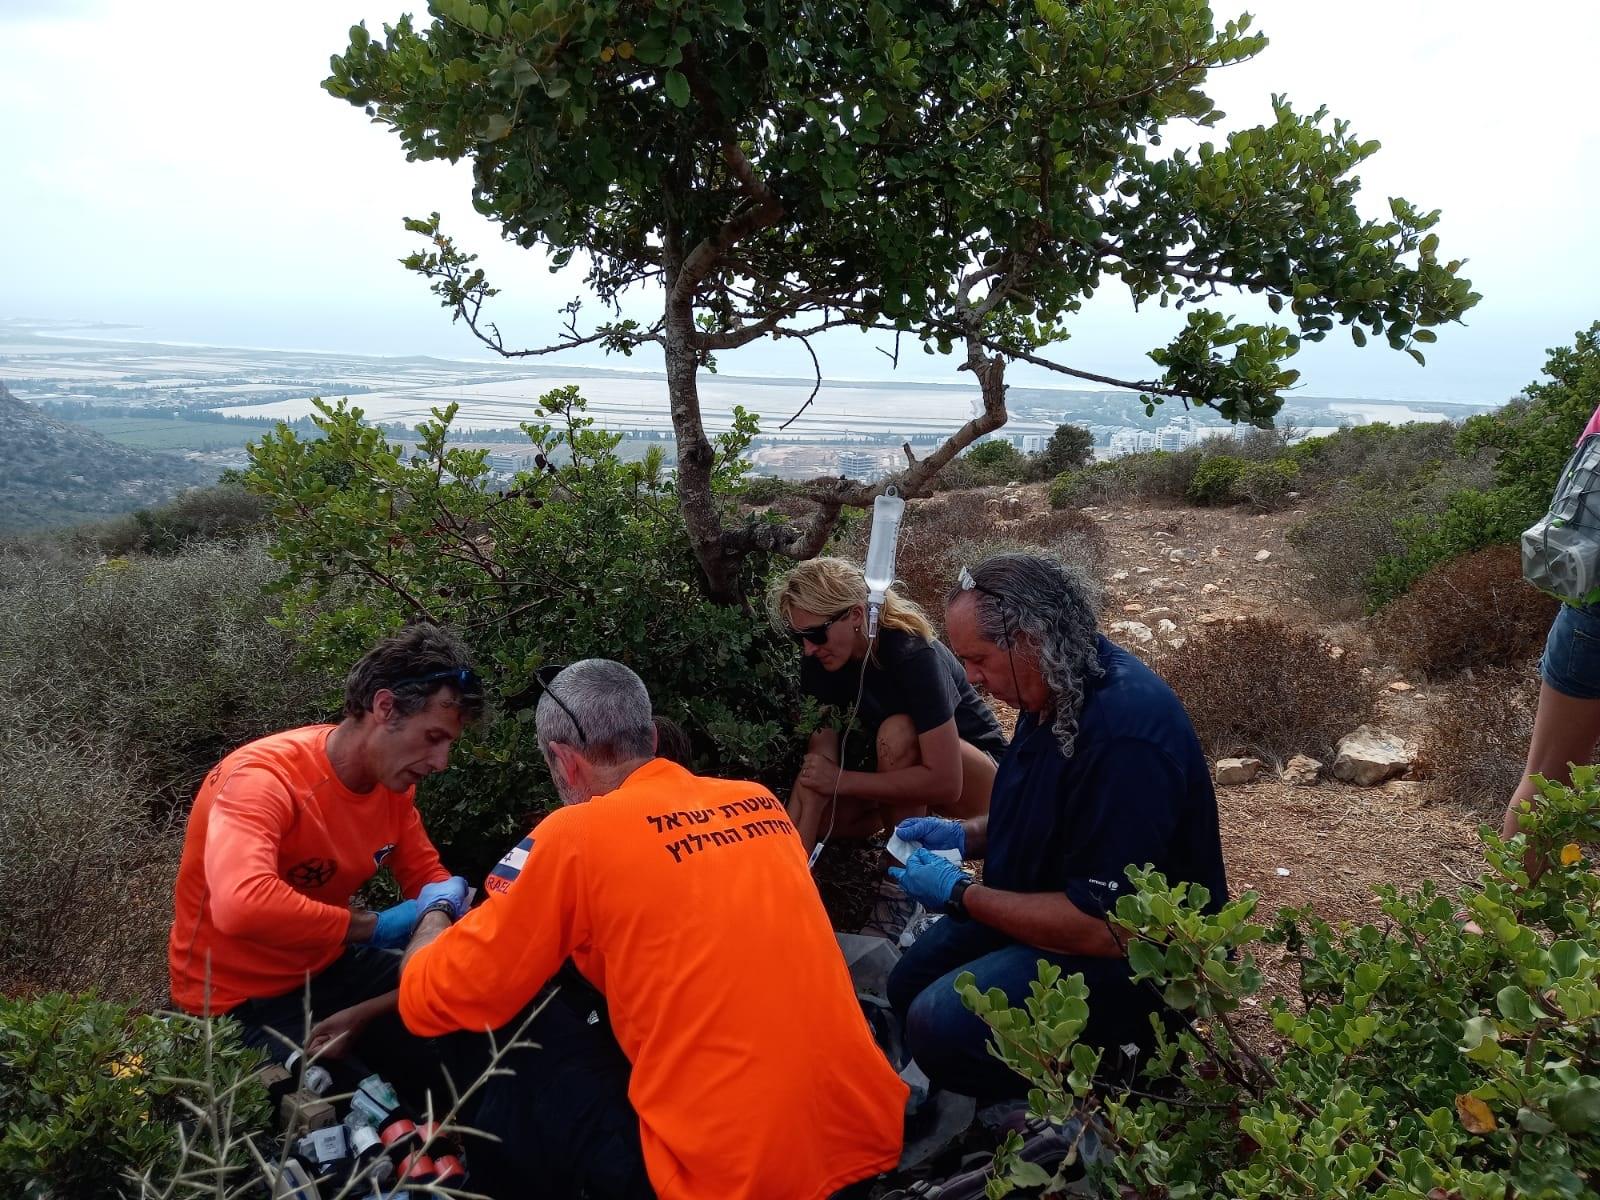 חילוץ משפחה מנחל אורנית (צילום: דוברות יחידת החילוץ גליל-כרמל)